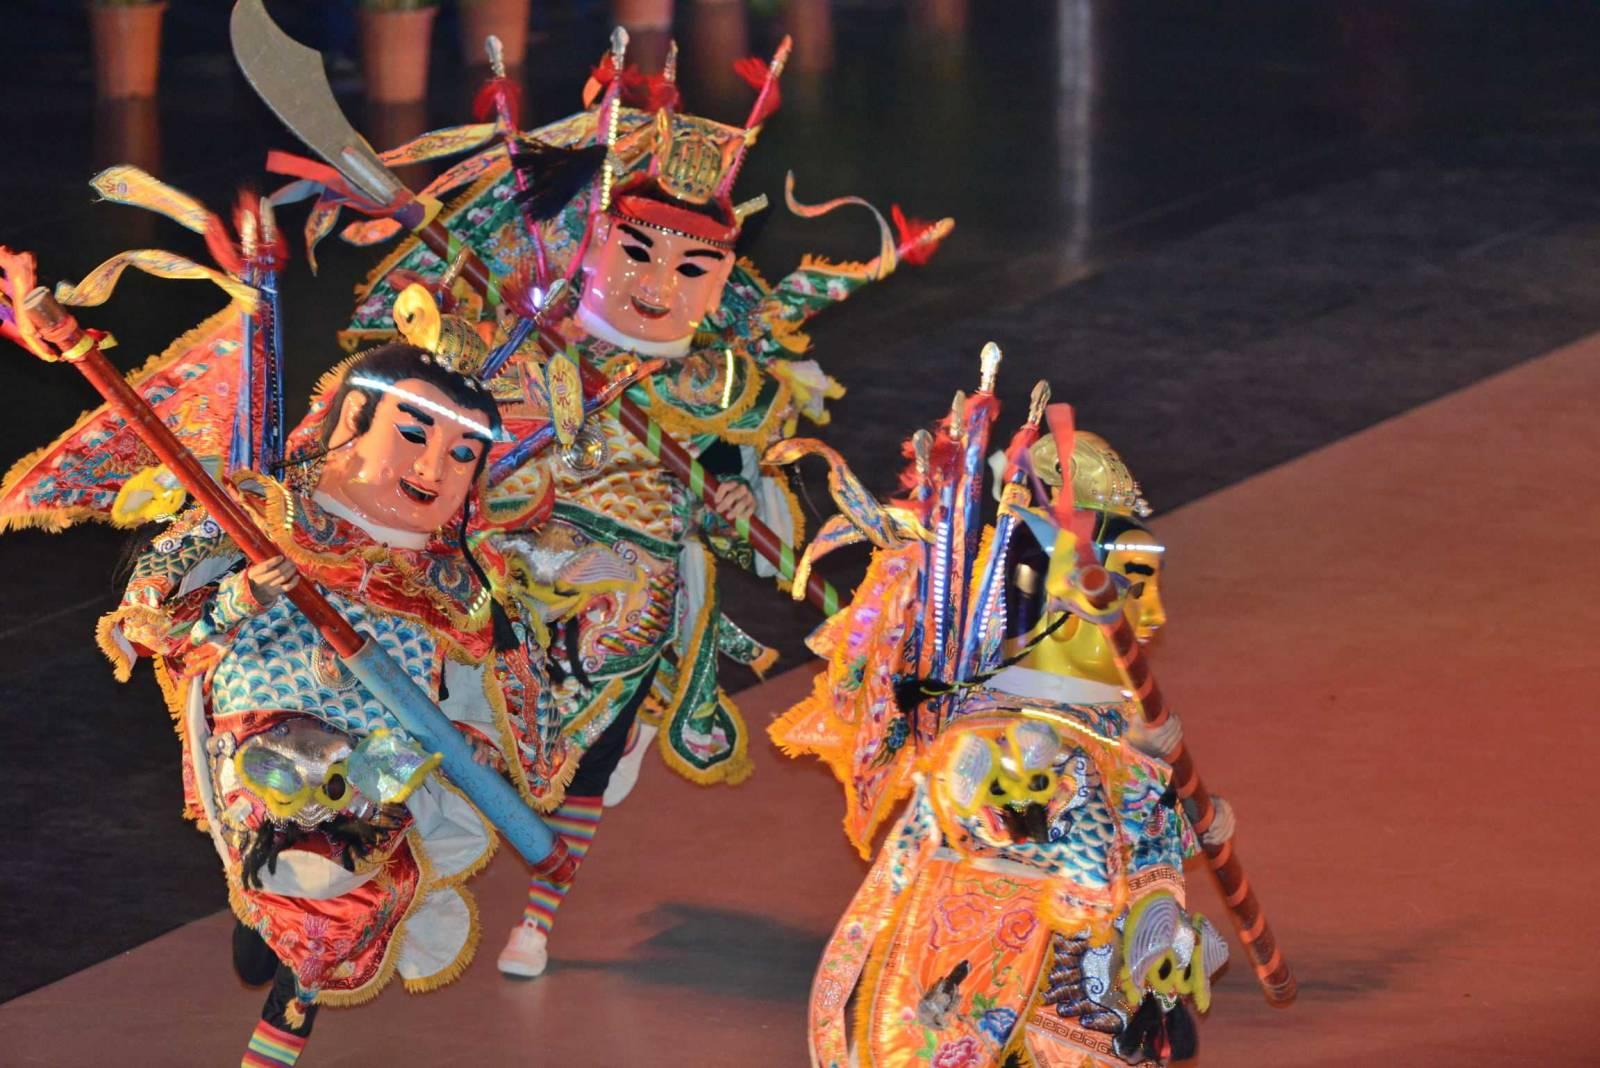 104全國運動會 高雄巨蛋正式揭幕